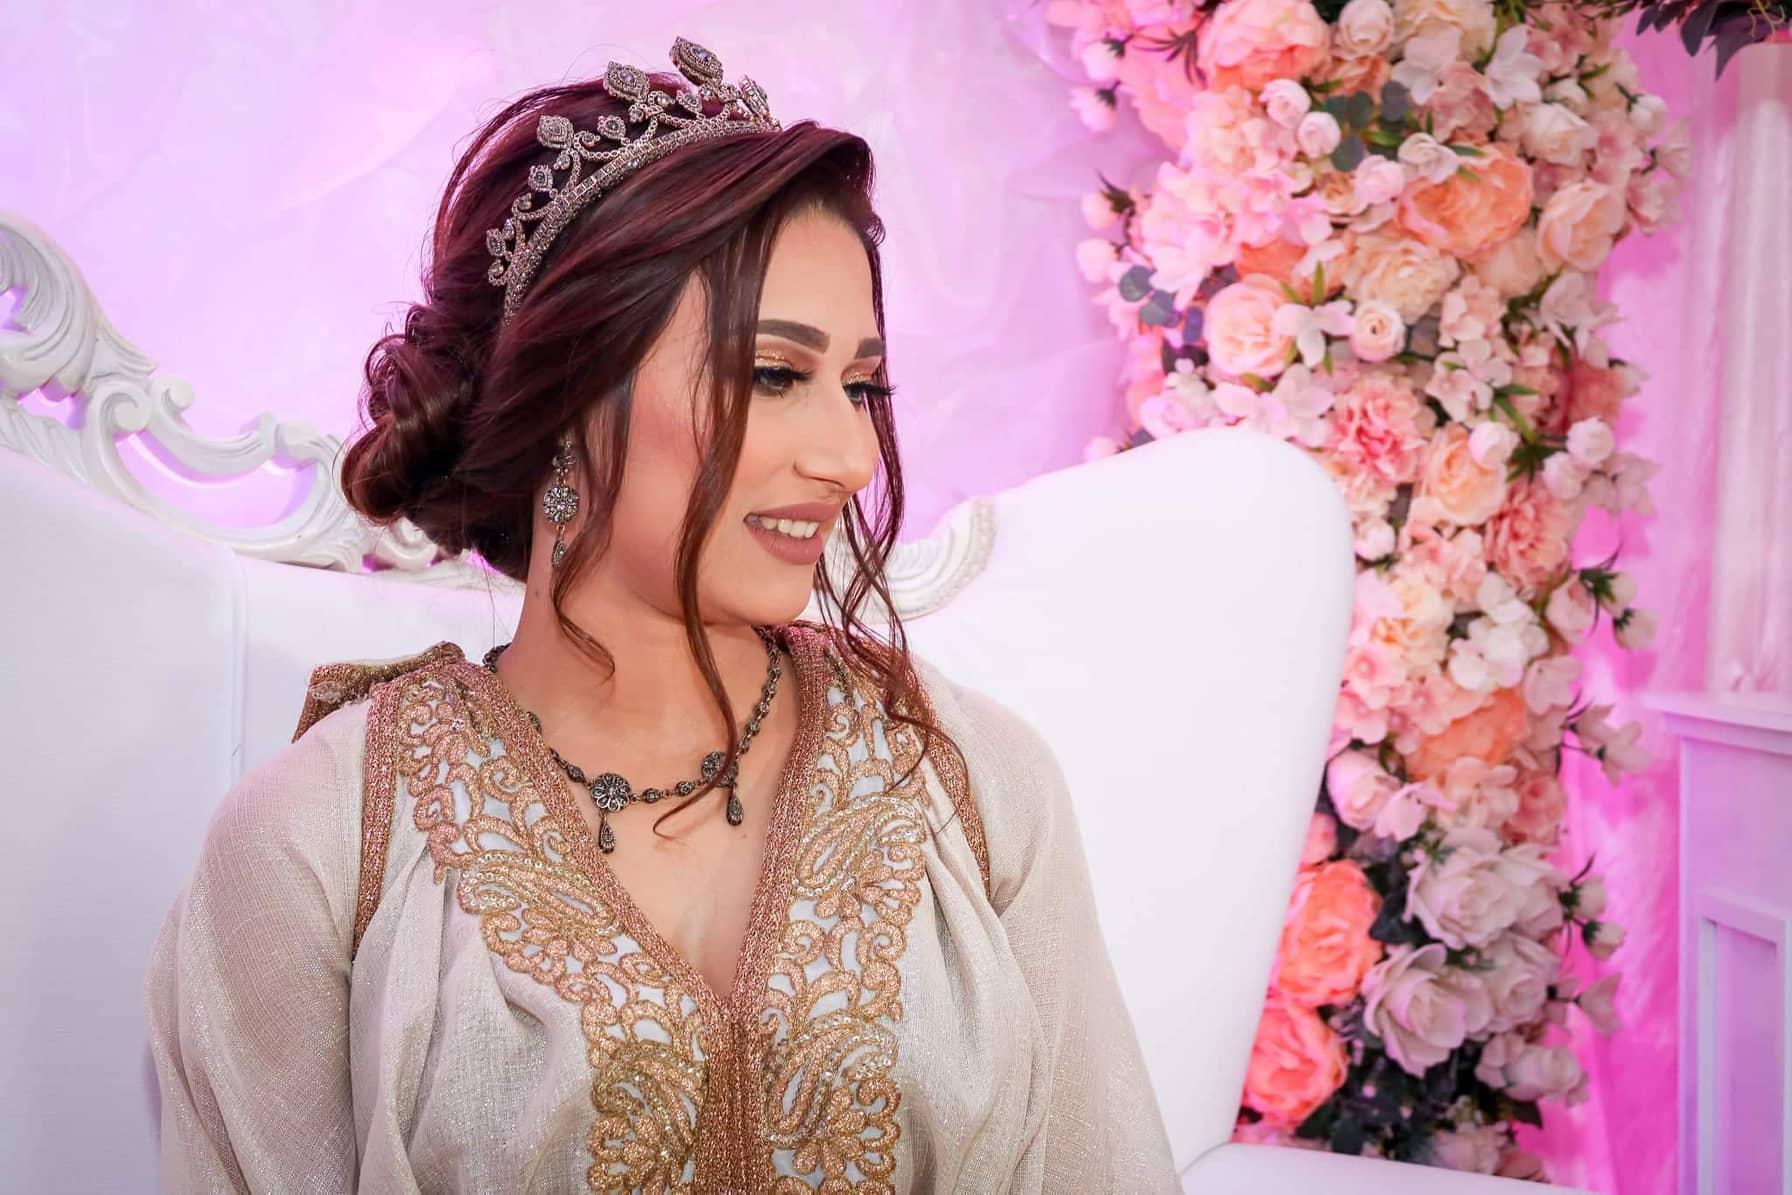 magazine Mariage à tout prix partage avec vous des photos de mariage de belles jeunes dames. robe mariage tunis